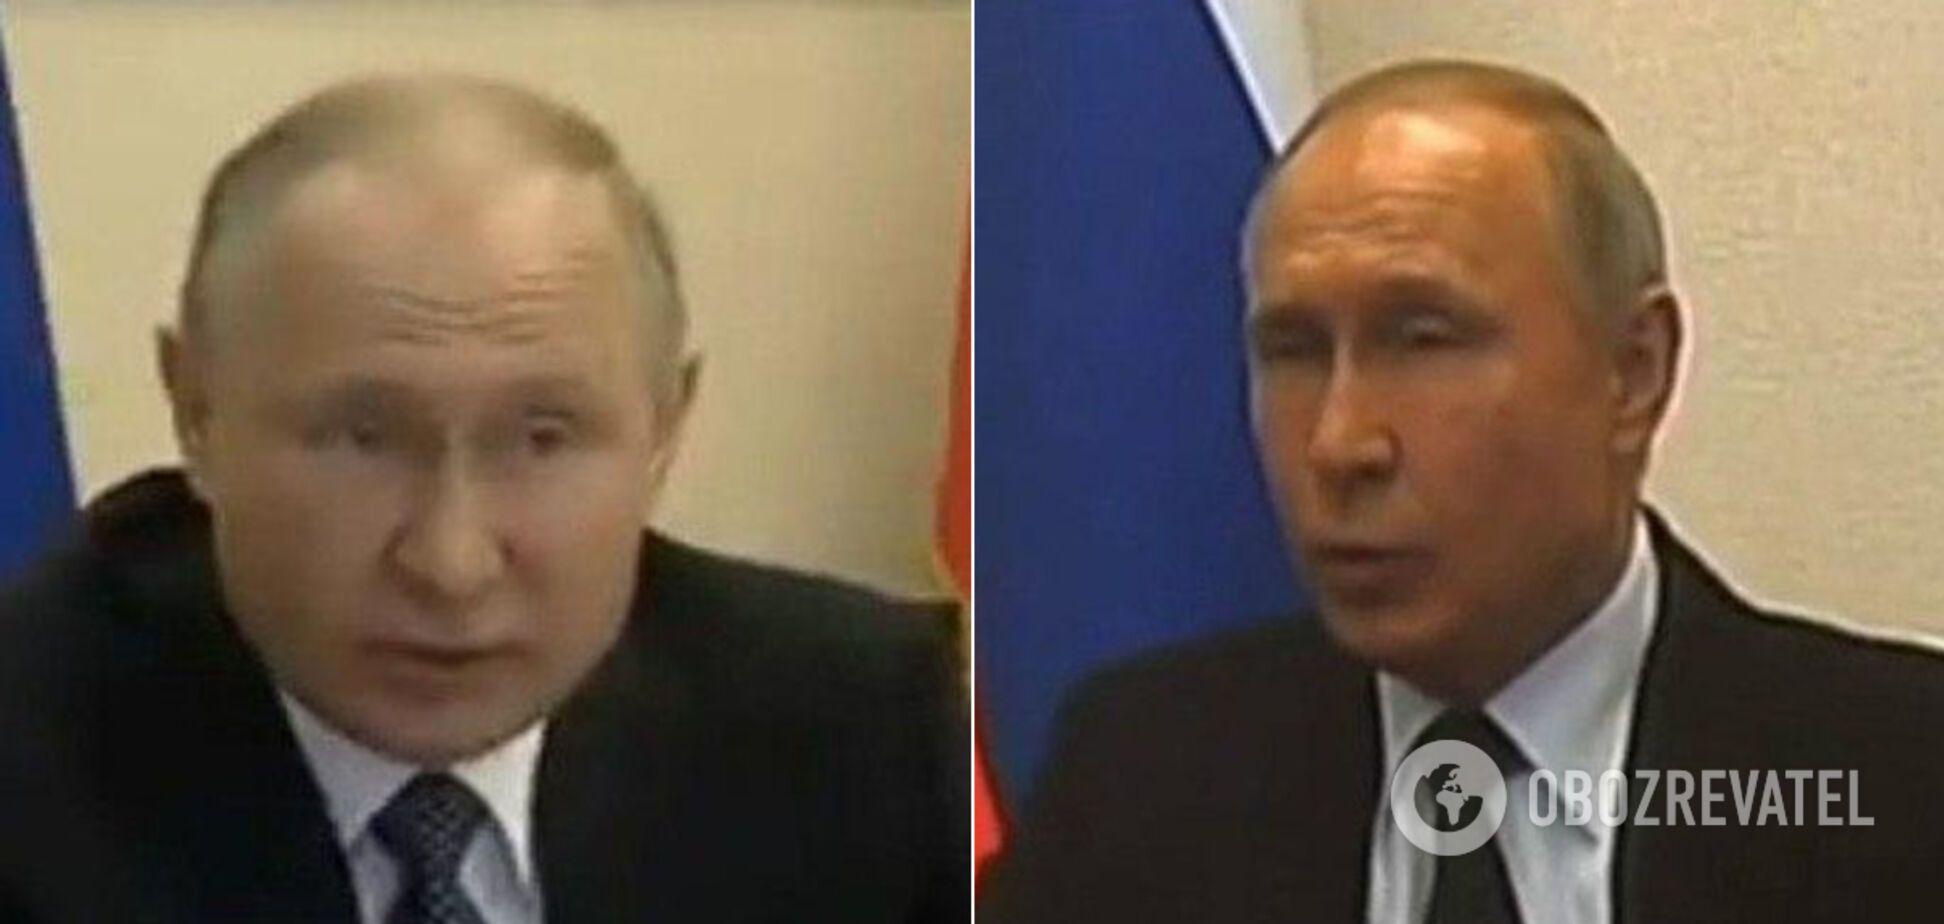 От загорелого до бледного: Путина уличили в использовании двойника. Фото